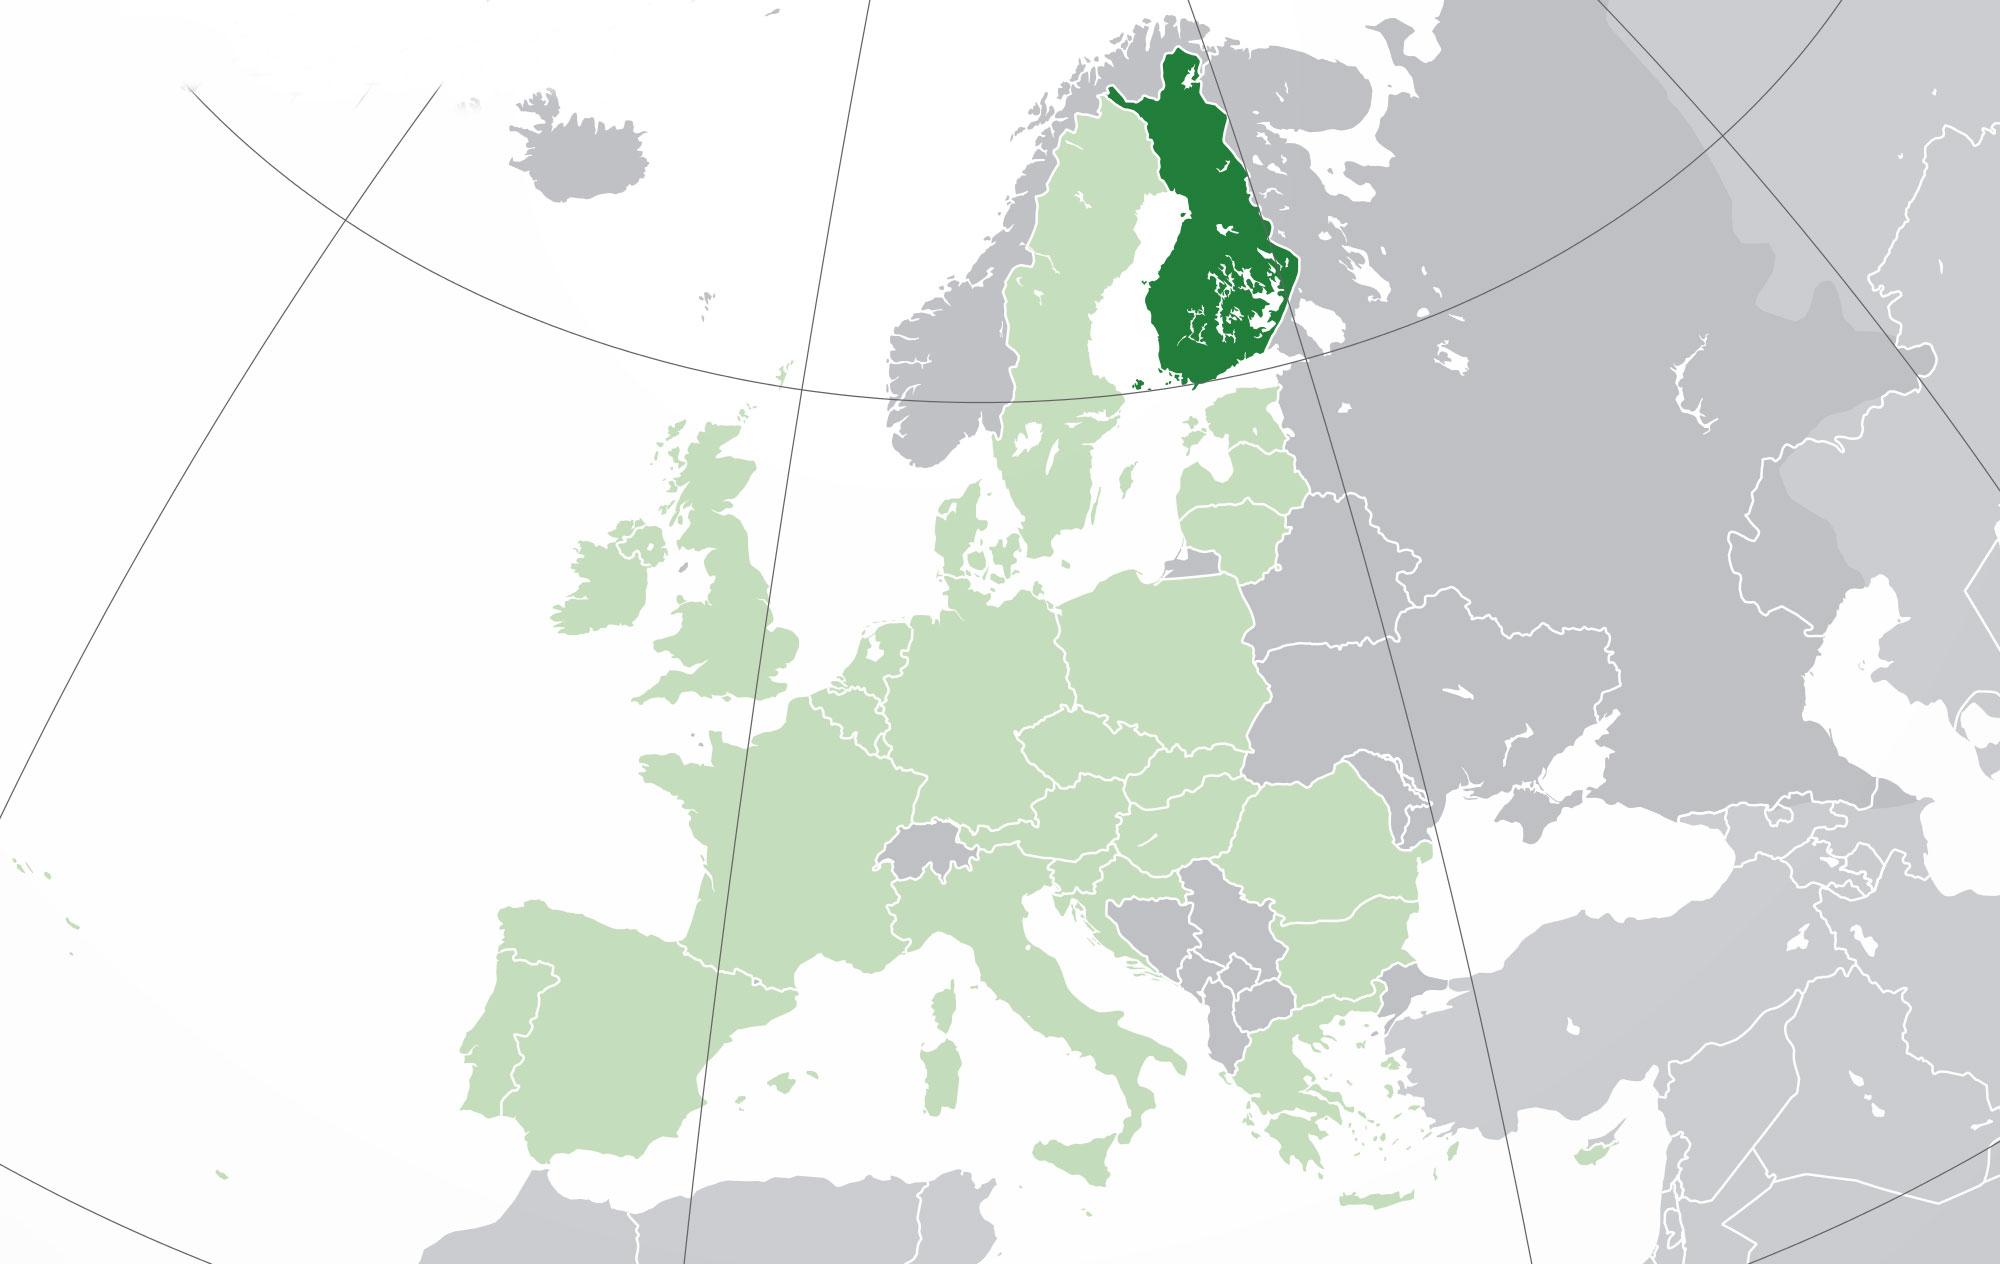 Localización geográfica de Finlandia